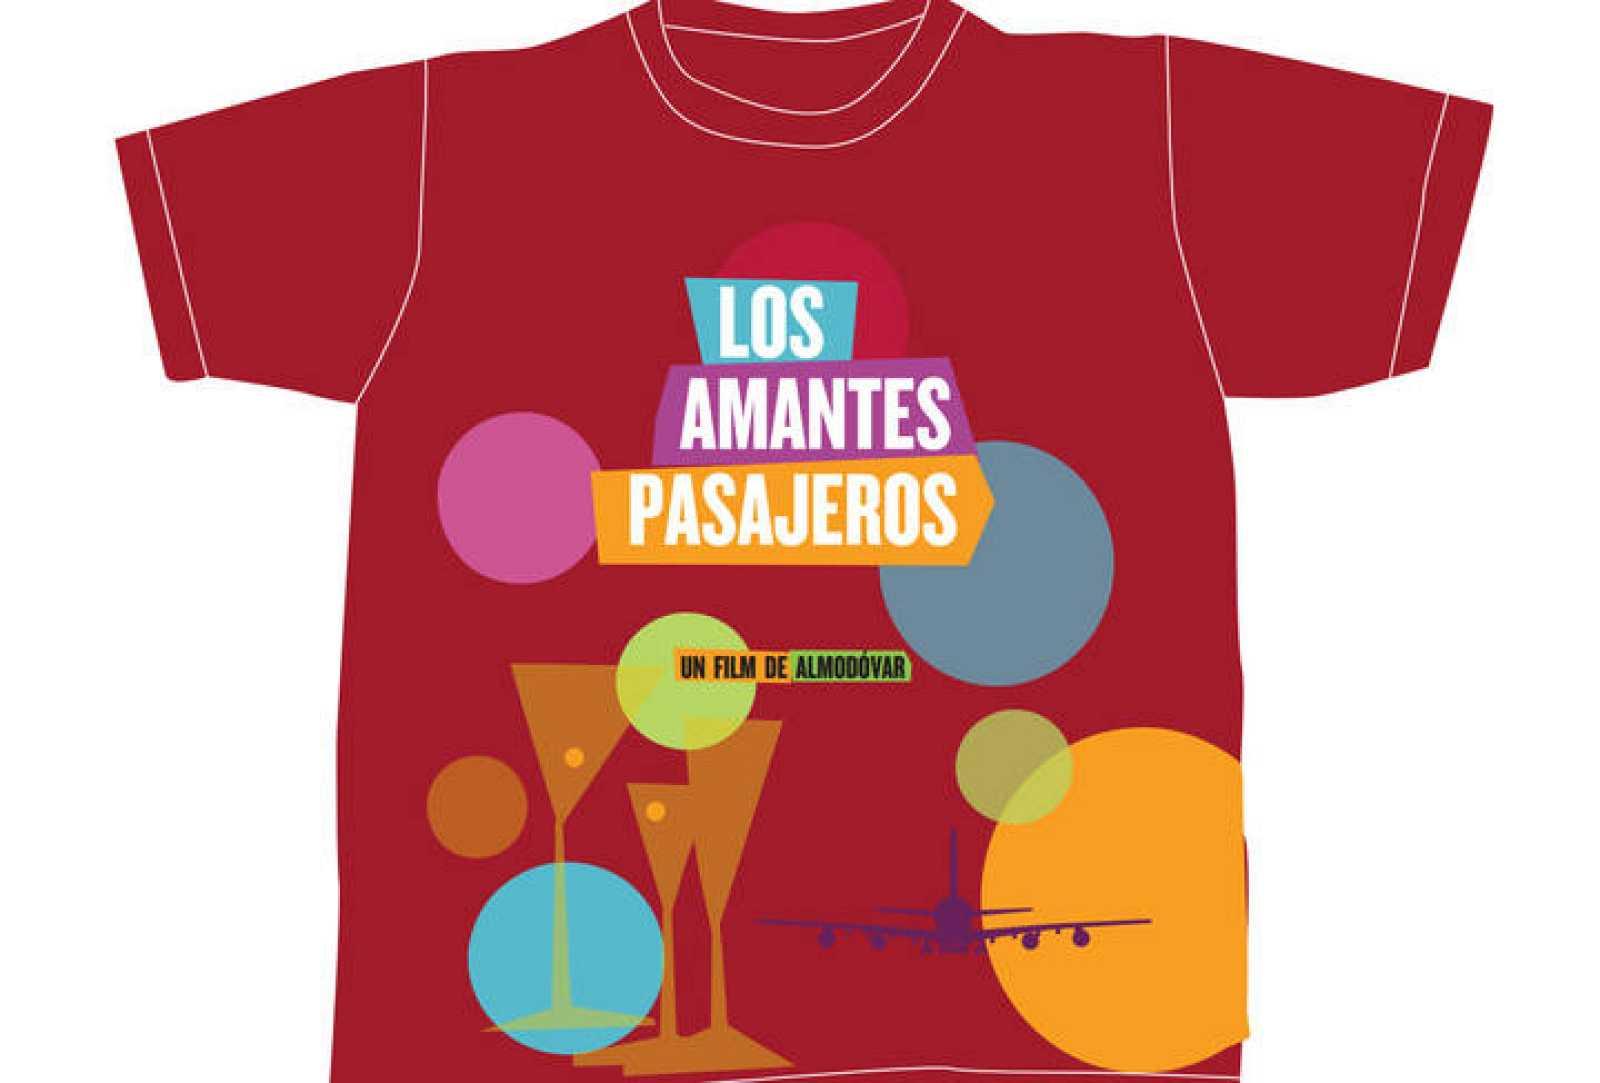 Dinos tu frase favorita de Almodóvar y llévate una camiseta de  Los ... 48ba65317f77f